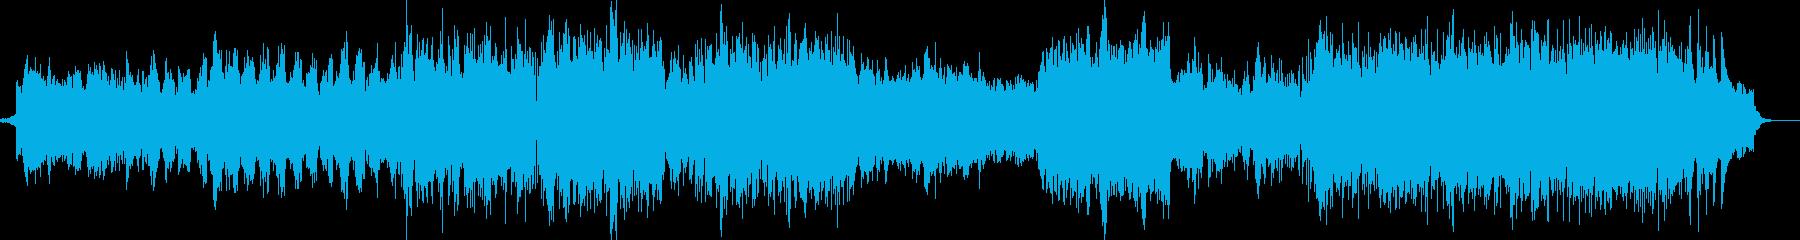 雪や氷イメージ ピアノエレクトロBGMの再生済みの波形